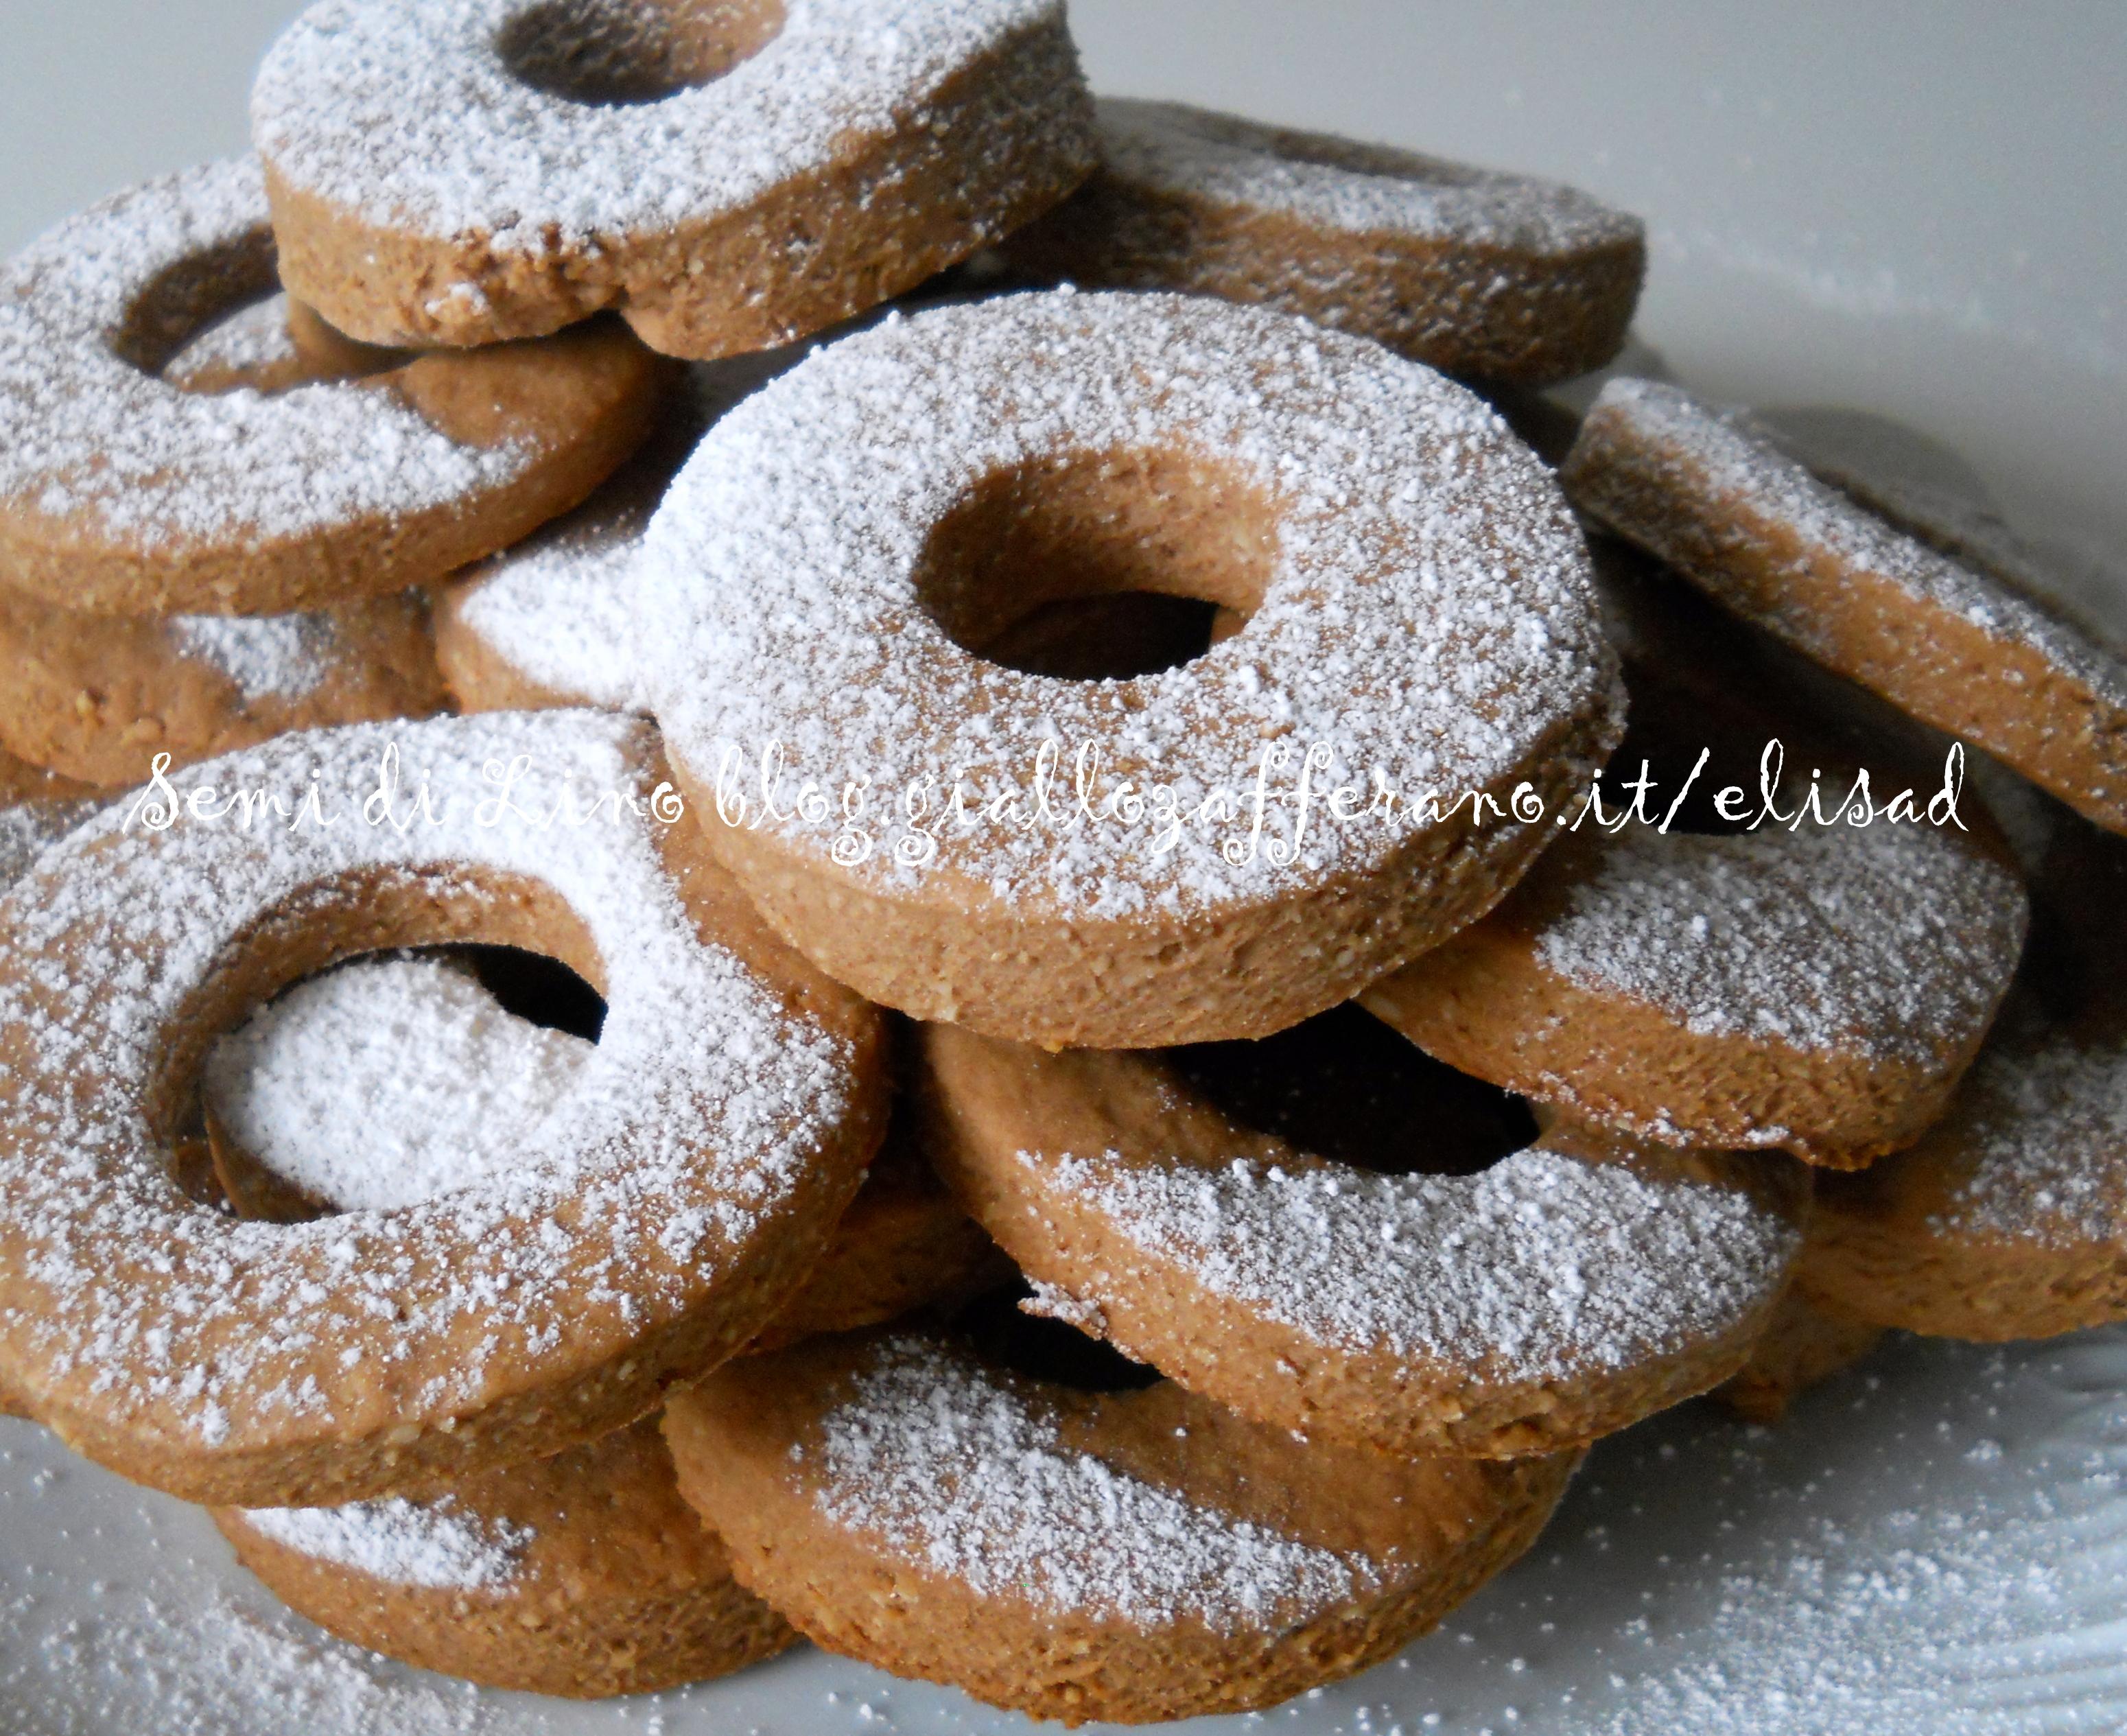 Parpagnacchi - Ricetta biscotti con miele e mandorle